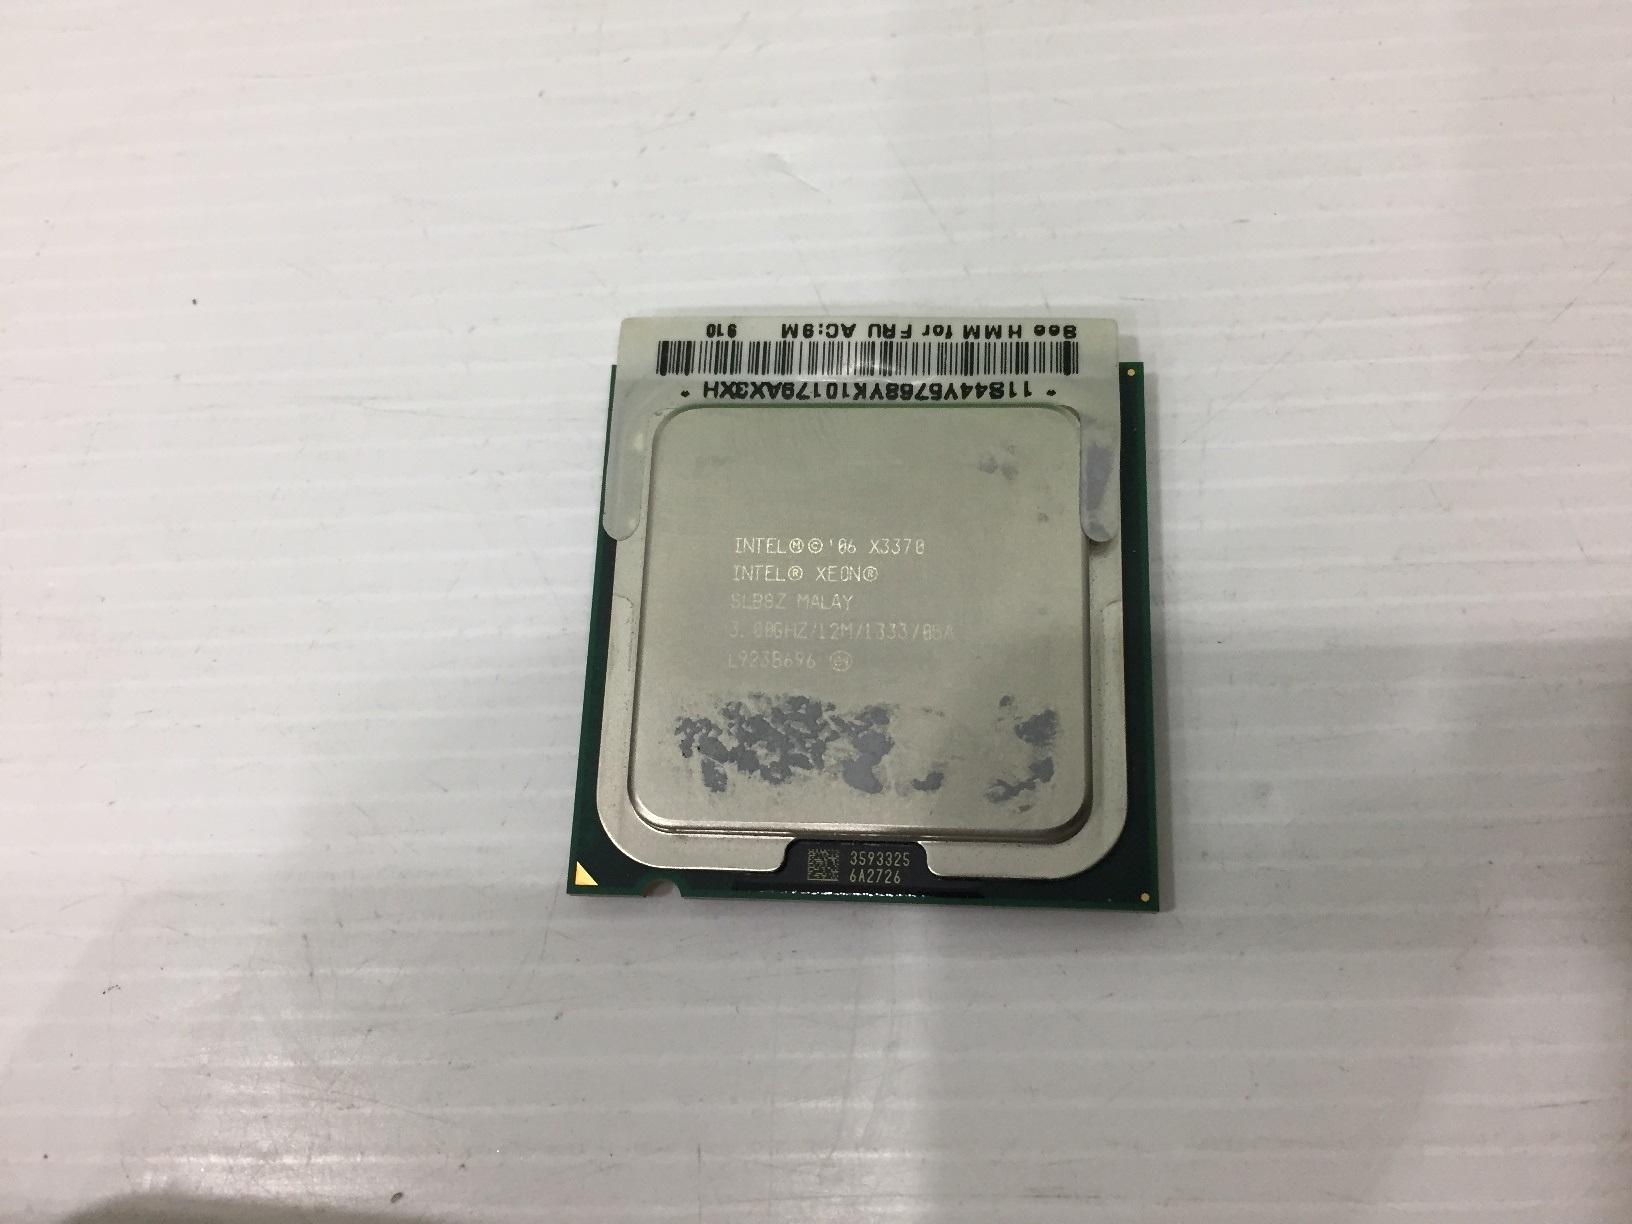 Intel® Xeon® X3370 แคช 12M, 3.00 GHz, 1333 MHz FSB